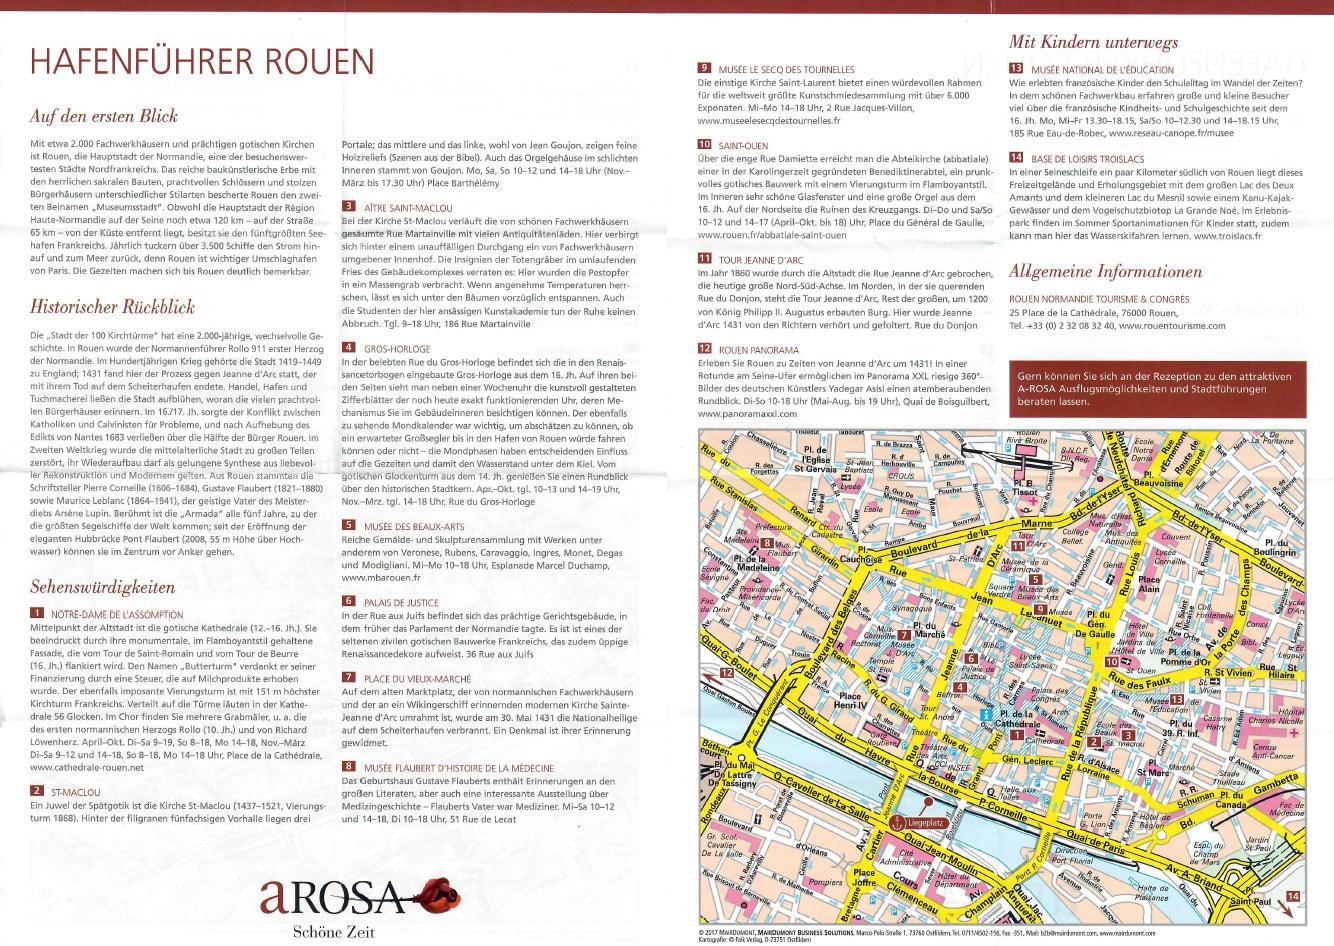 Rouen, Hafenführer, A-ROSA, Reisebericht, Seine Flusskreuzfahrt